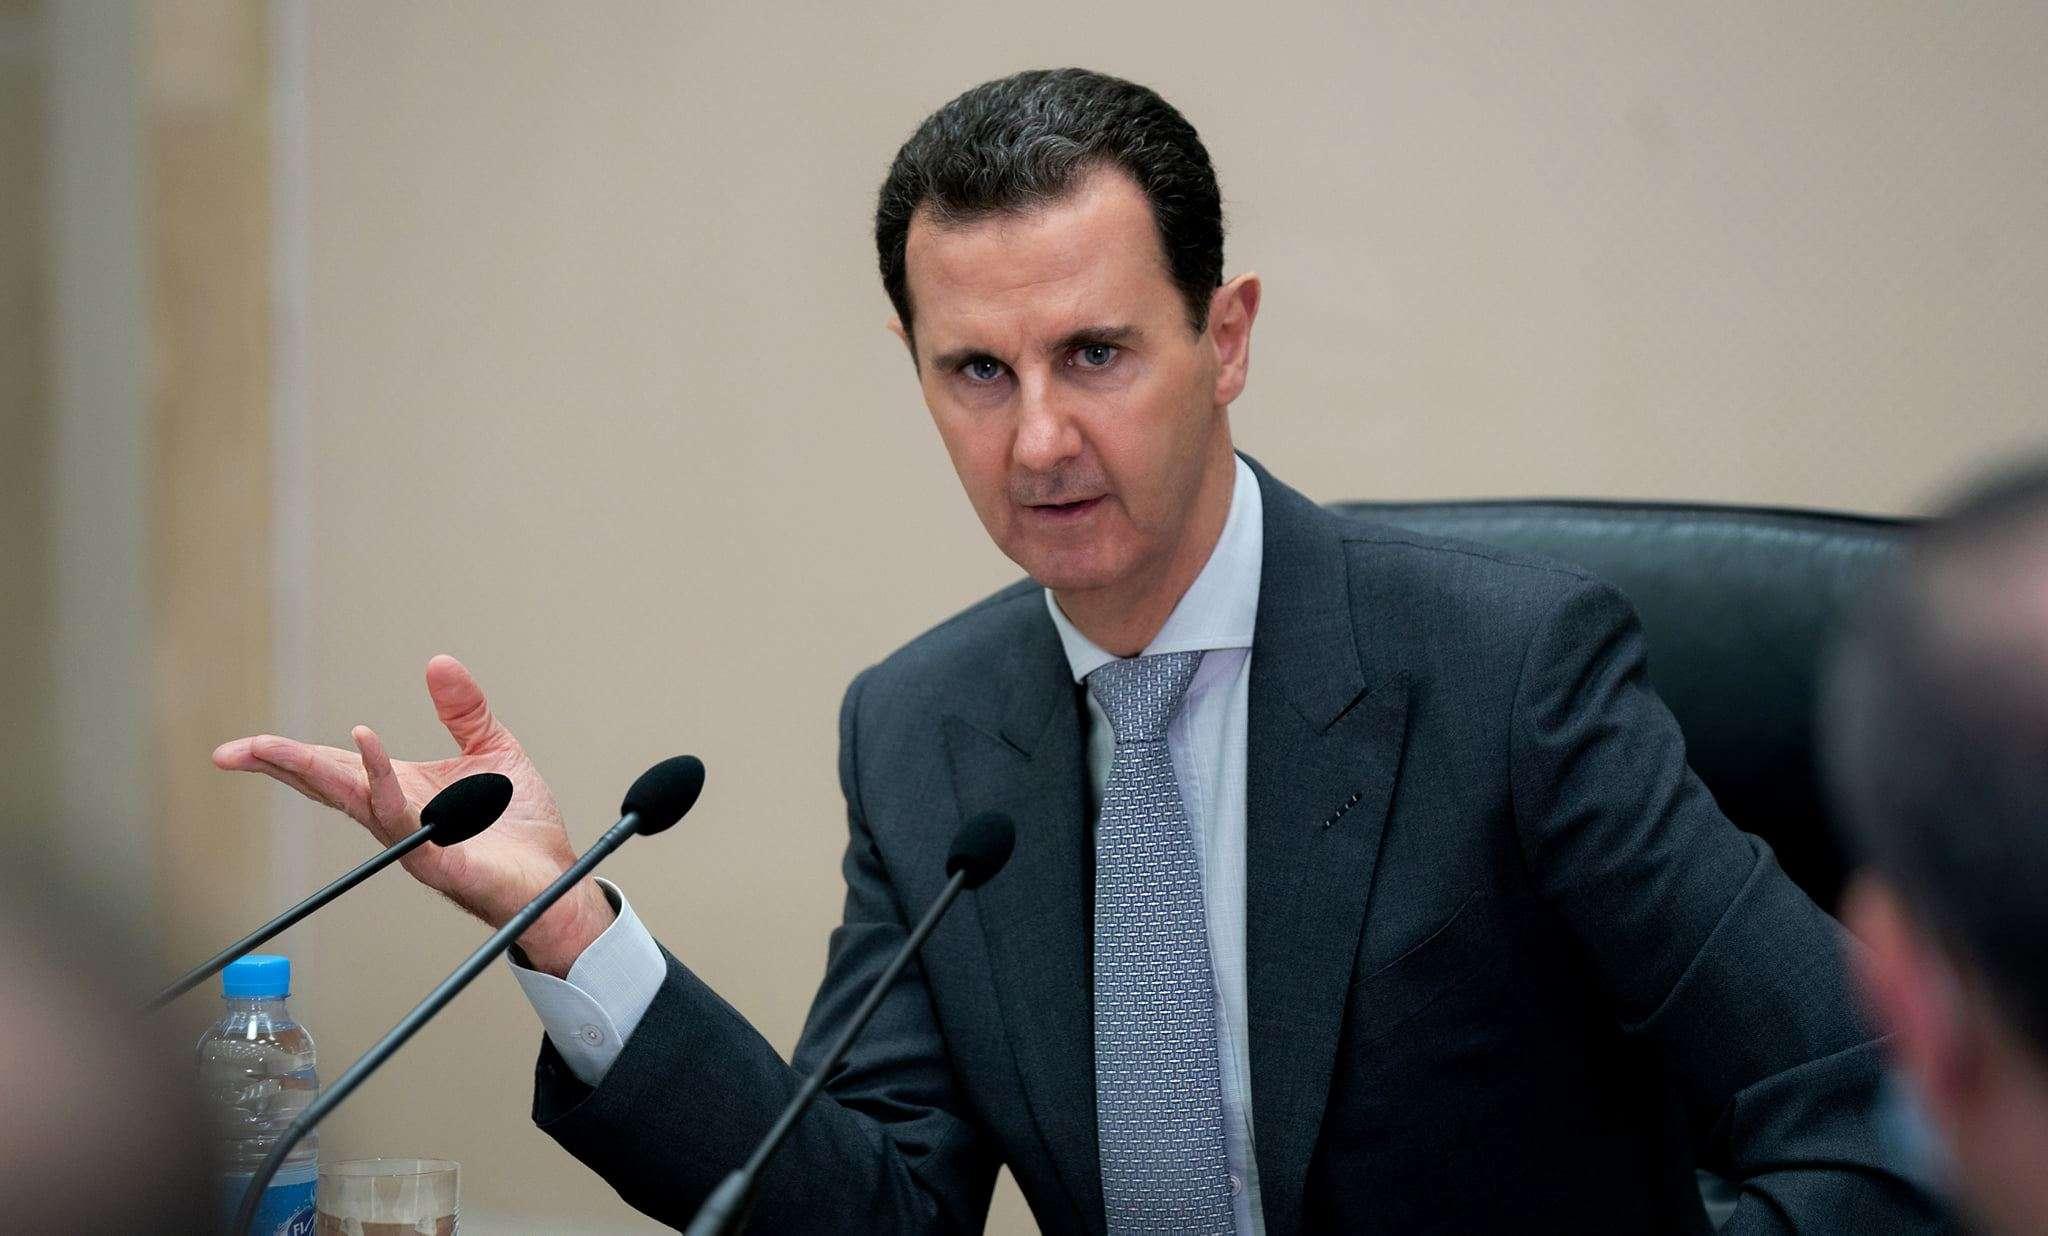 واشنطن تدعم التطبيع مع الأسد.. بشرط, صحيفة عربية -بروفايل نيوز